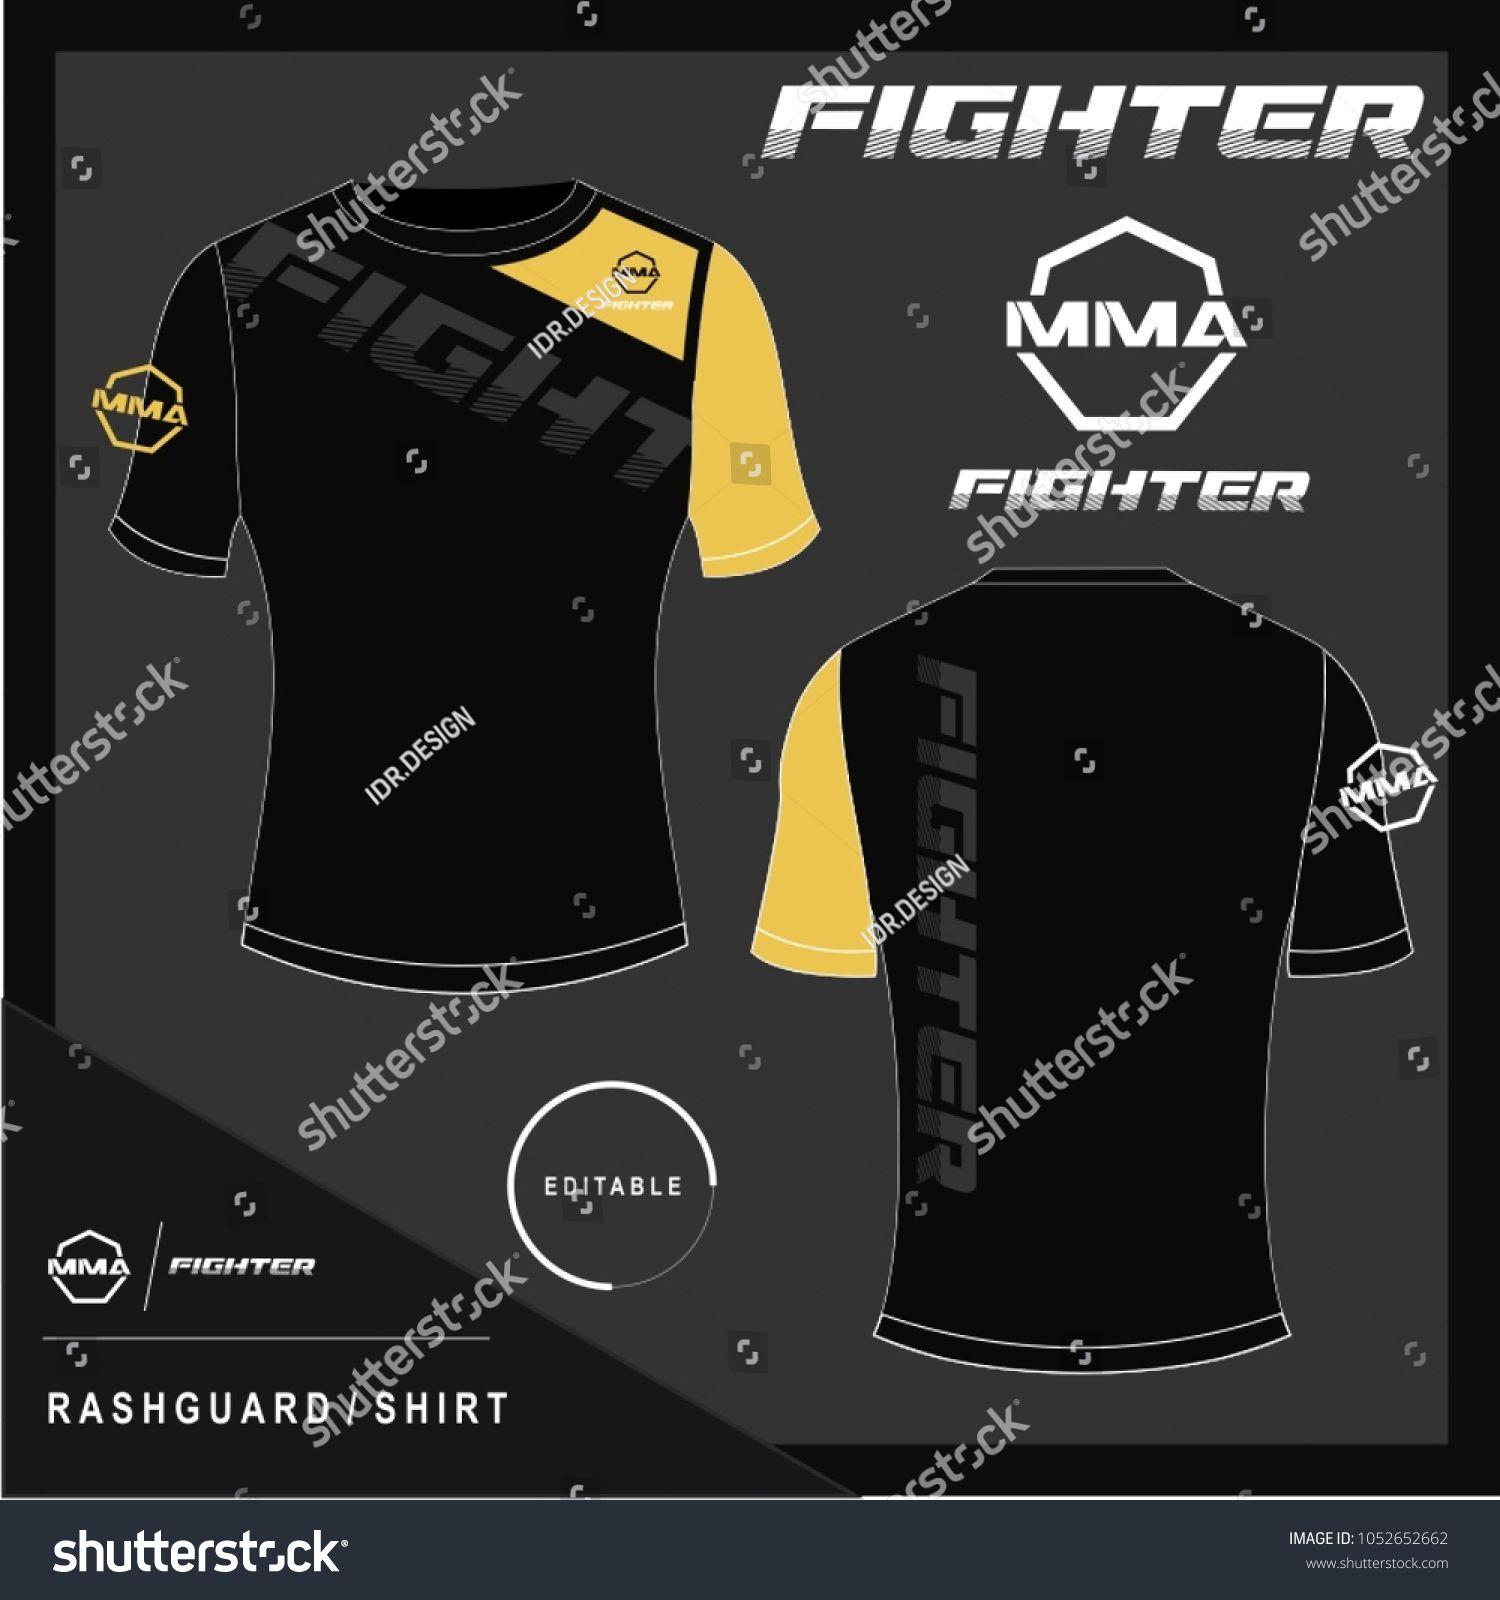 Rash Guard MMA Shirt Design Template